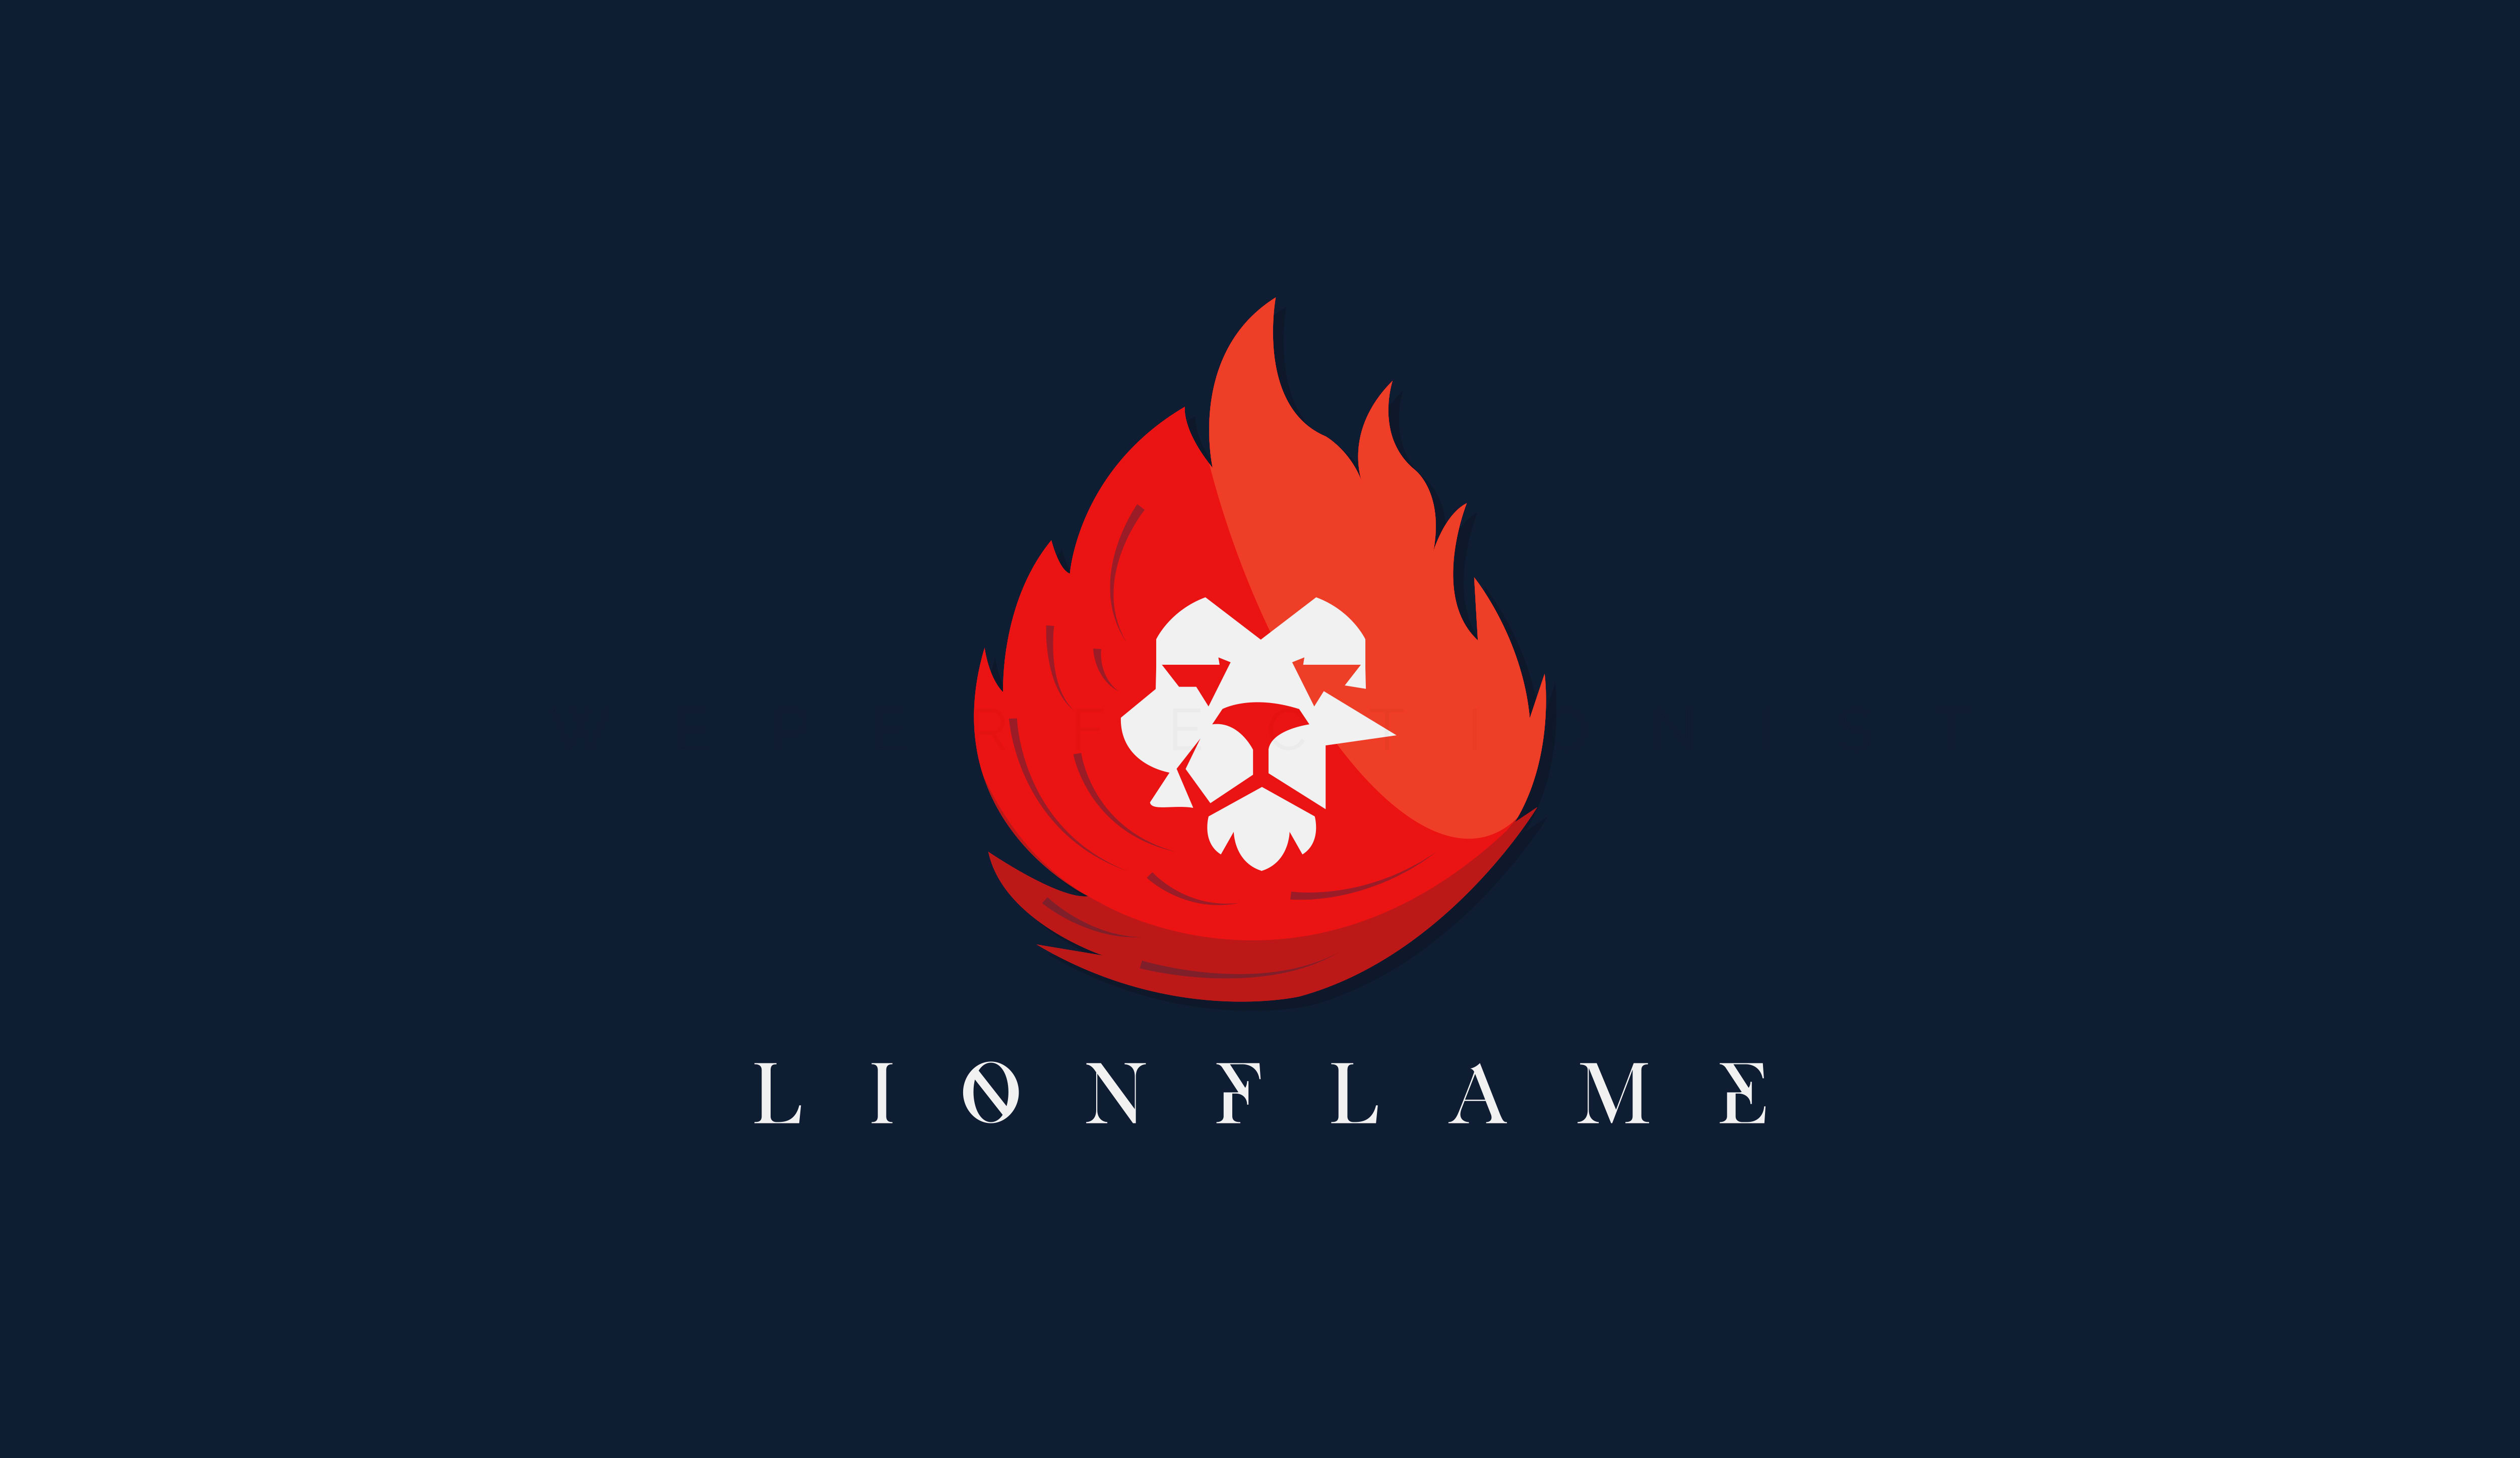 I will design 2 modern logo design